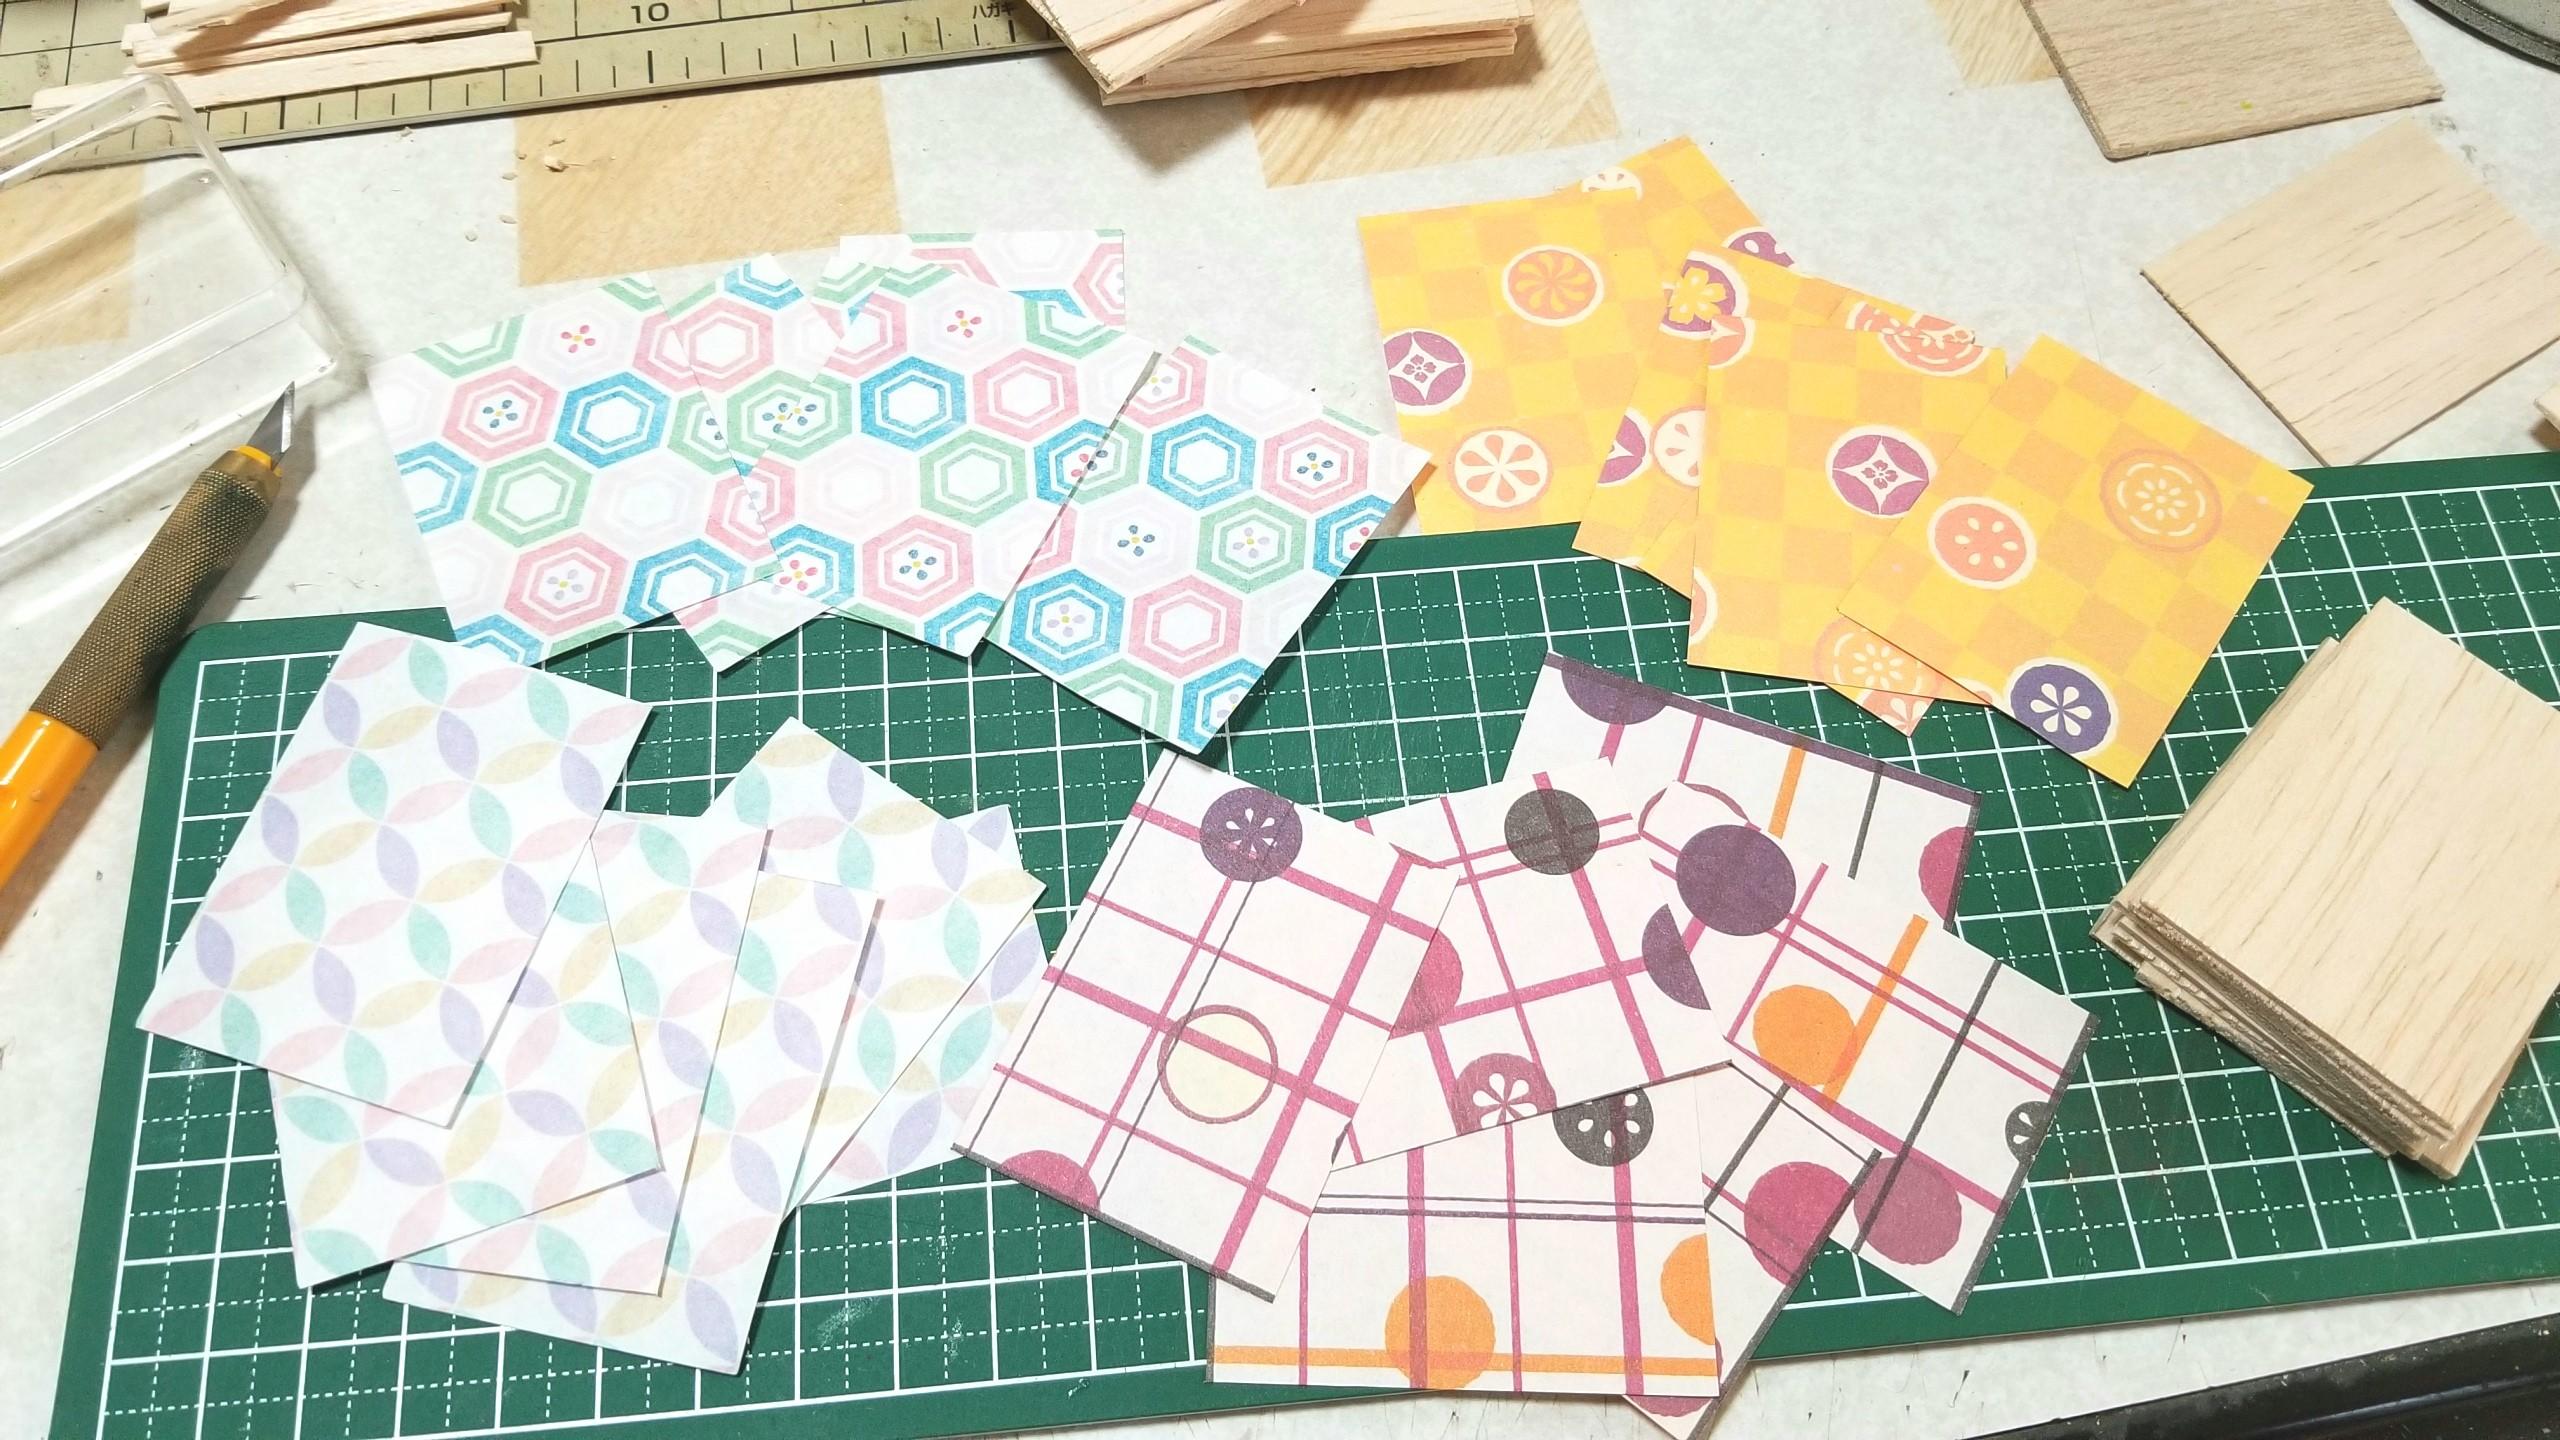 台紙,土台,作り方,ミニチュアフード,千代紙,折り紙,ハンドメイド